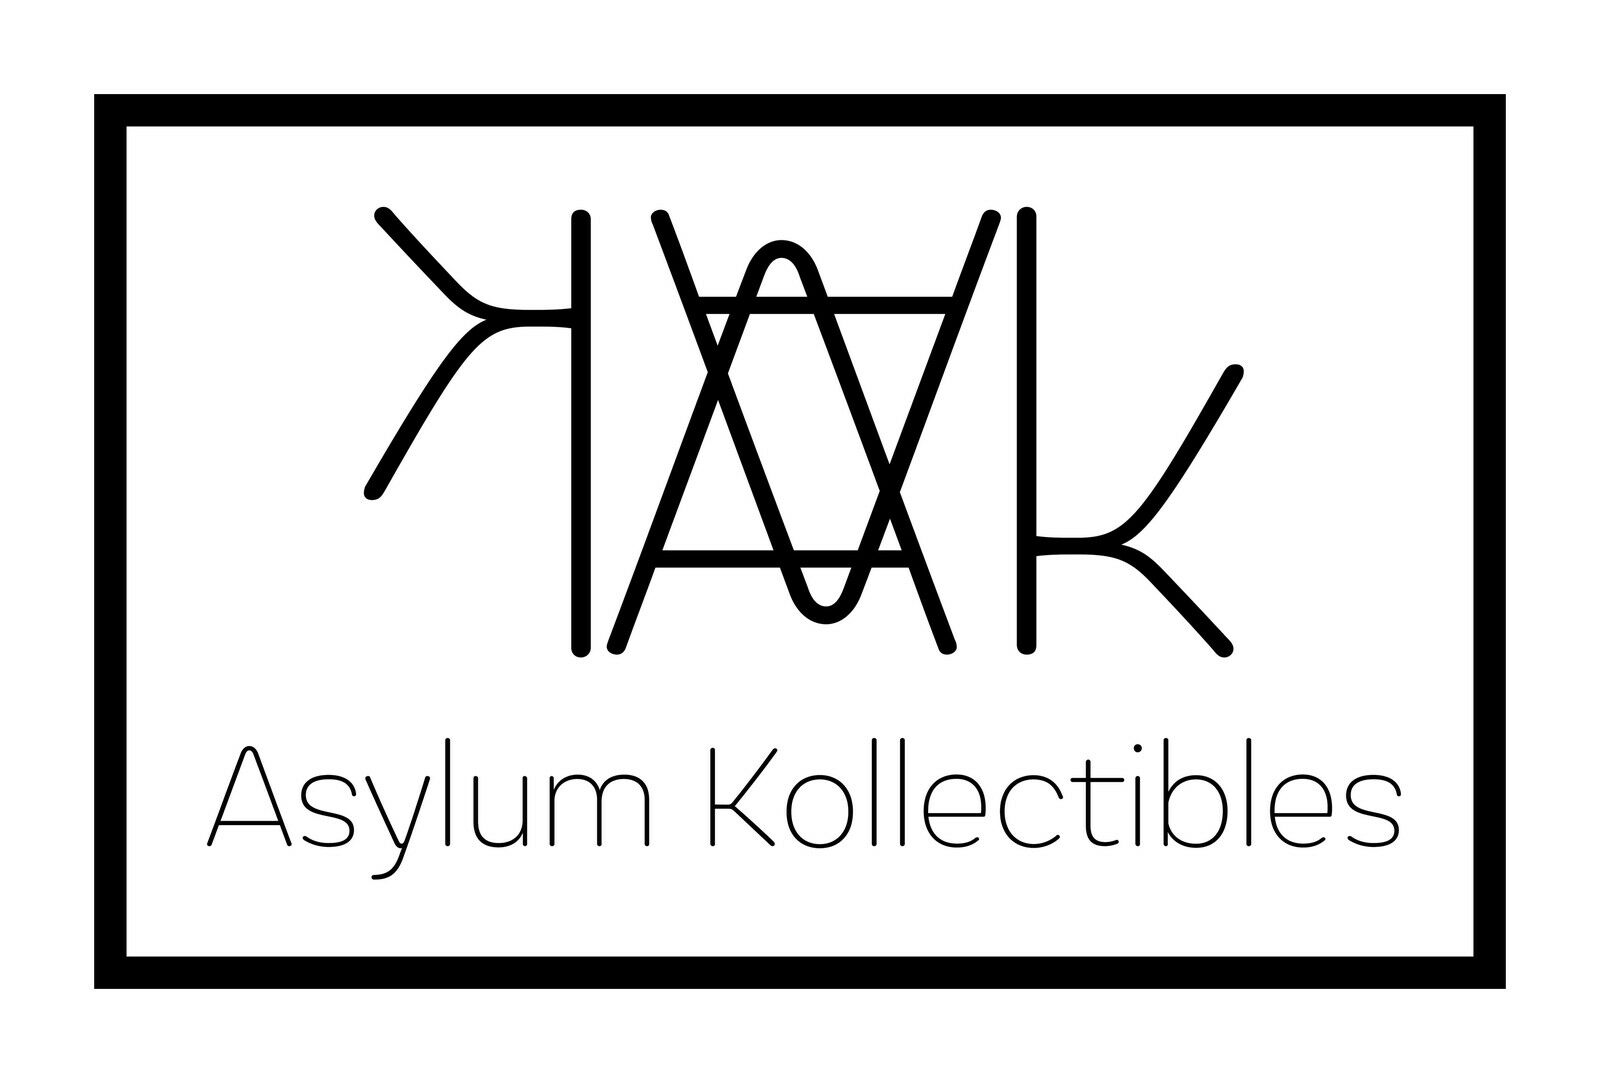 asylumkollectibles-00